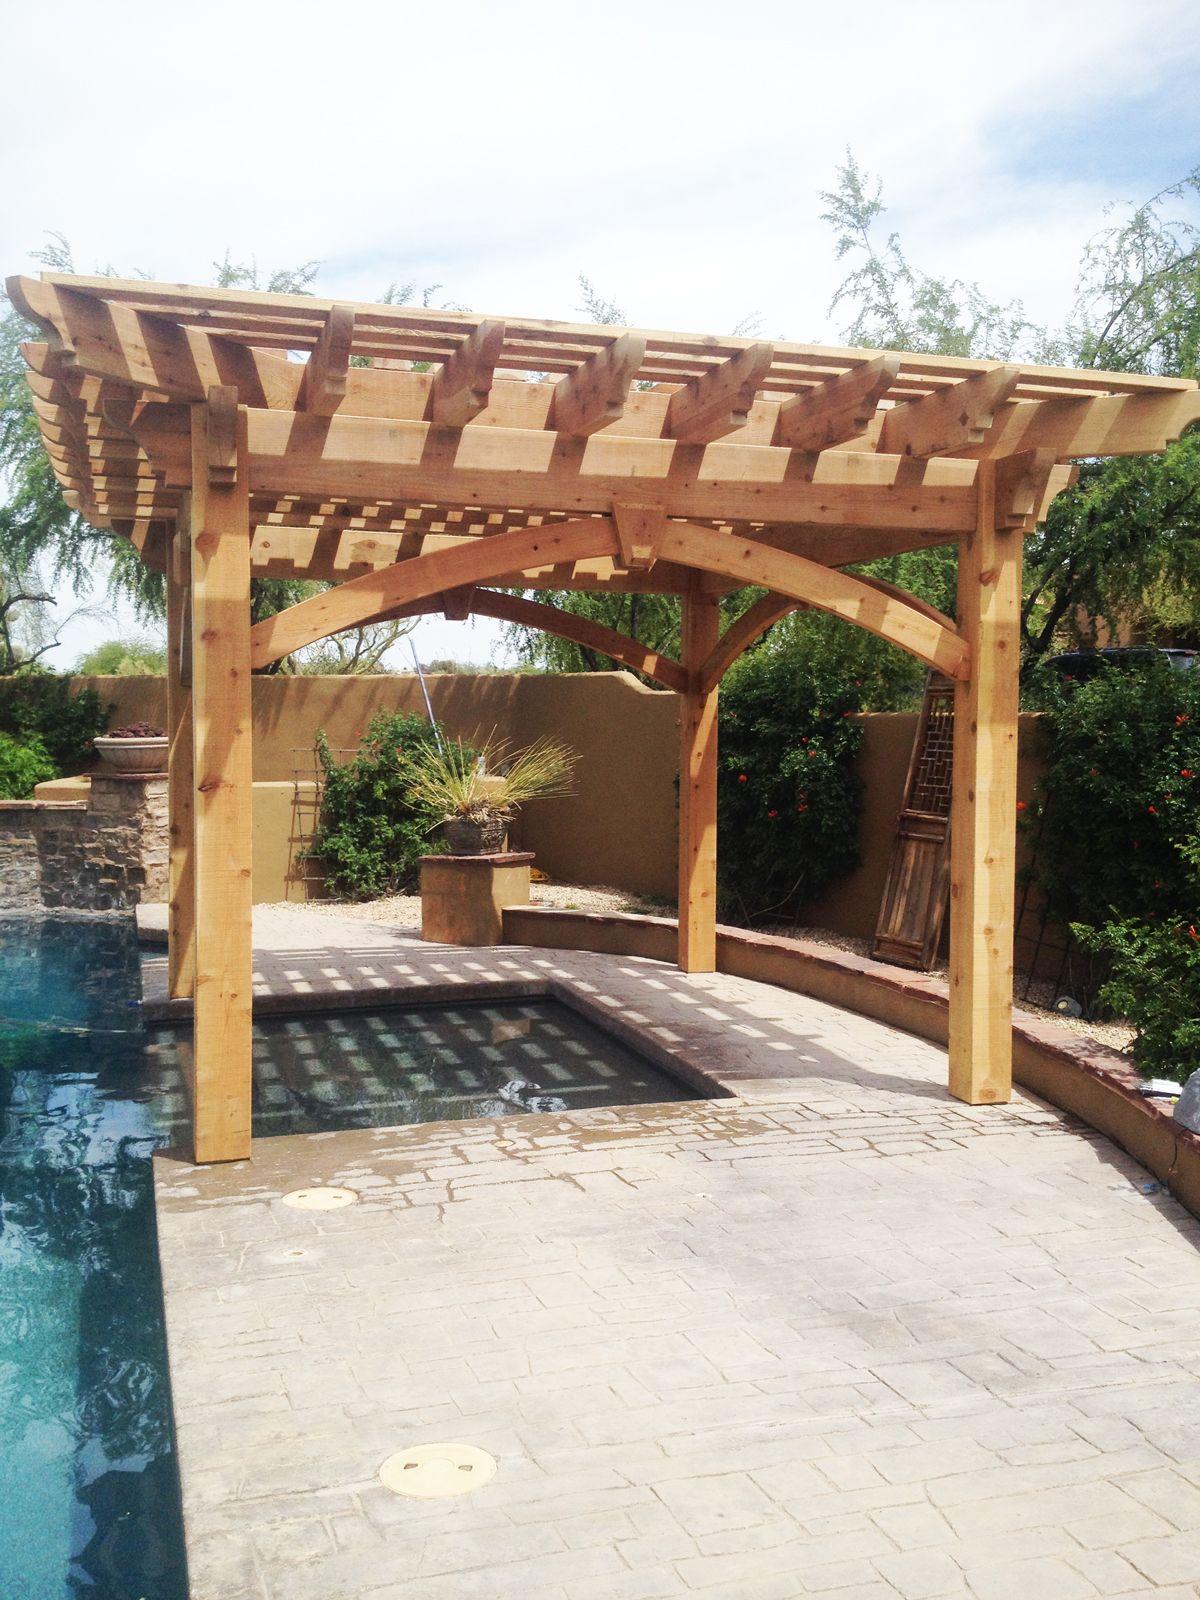 Shaded Swimming Pool Timber Frame Diy Pergola Kit Rustic Pergola Backyard Pergola Garage Pergola Diy